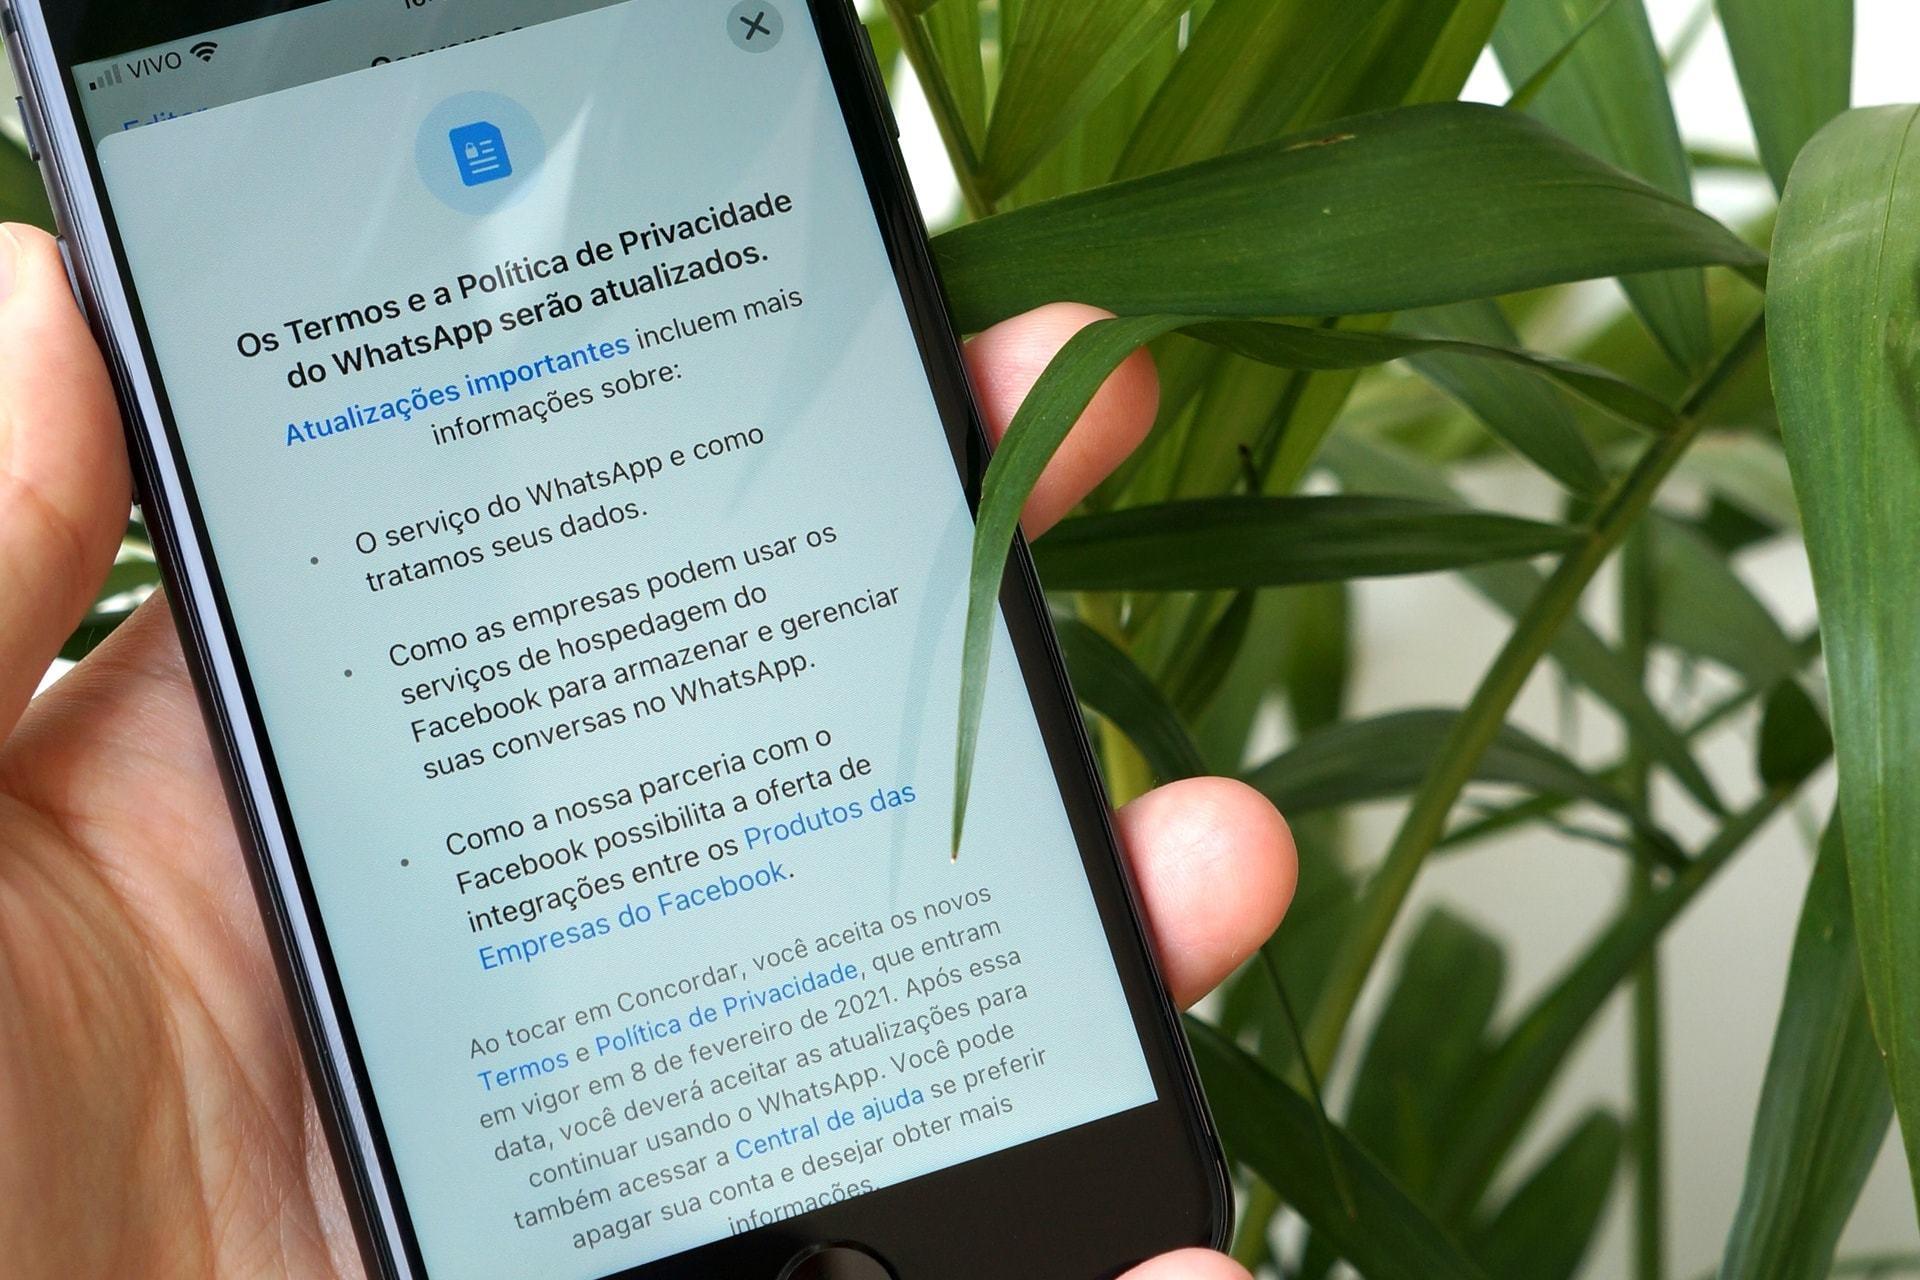 Uma mão segurando um iPhone, com a tela de aceite da nova política de privacidade do WhatsApp aberta. Ao fundo, folhas de uma planta.